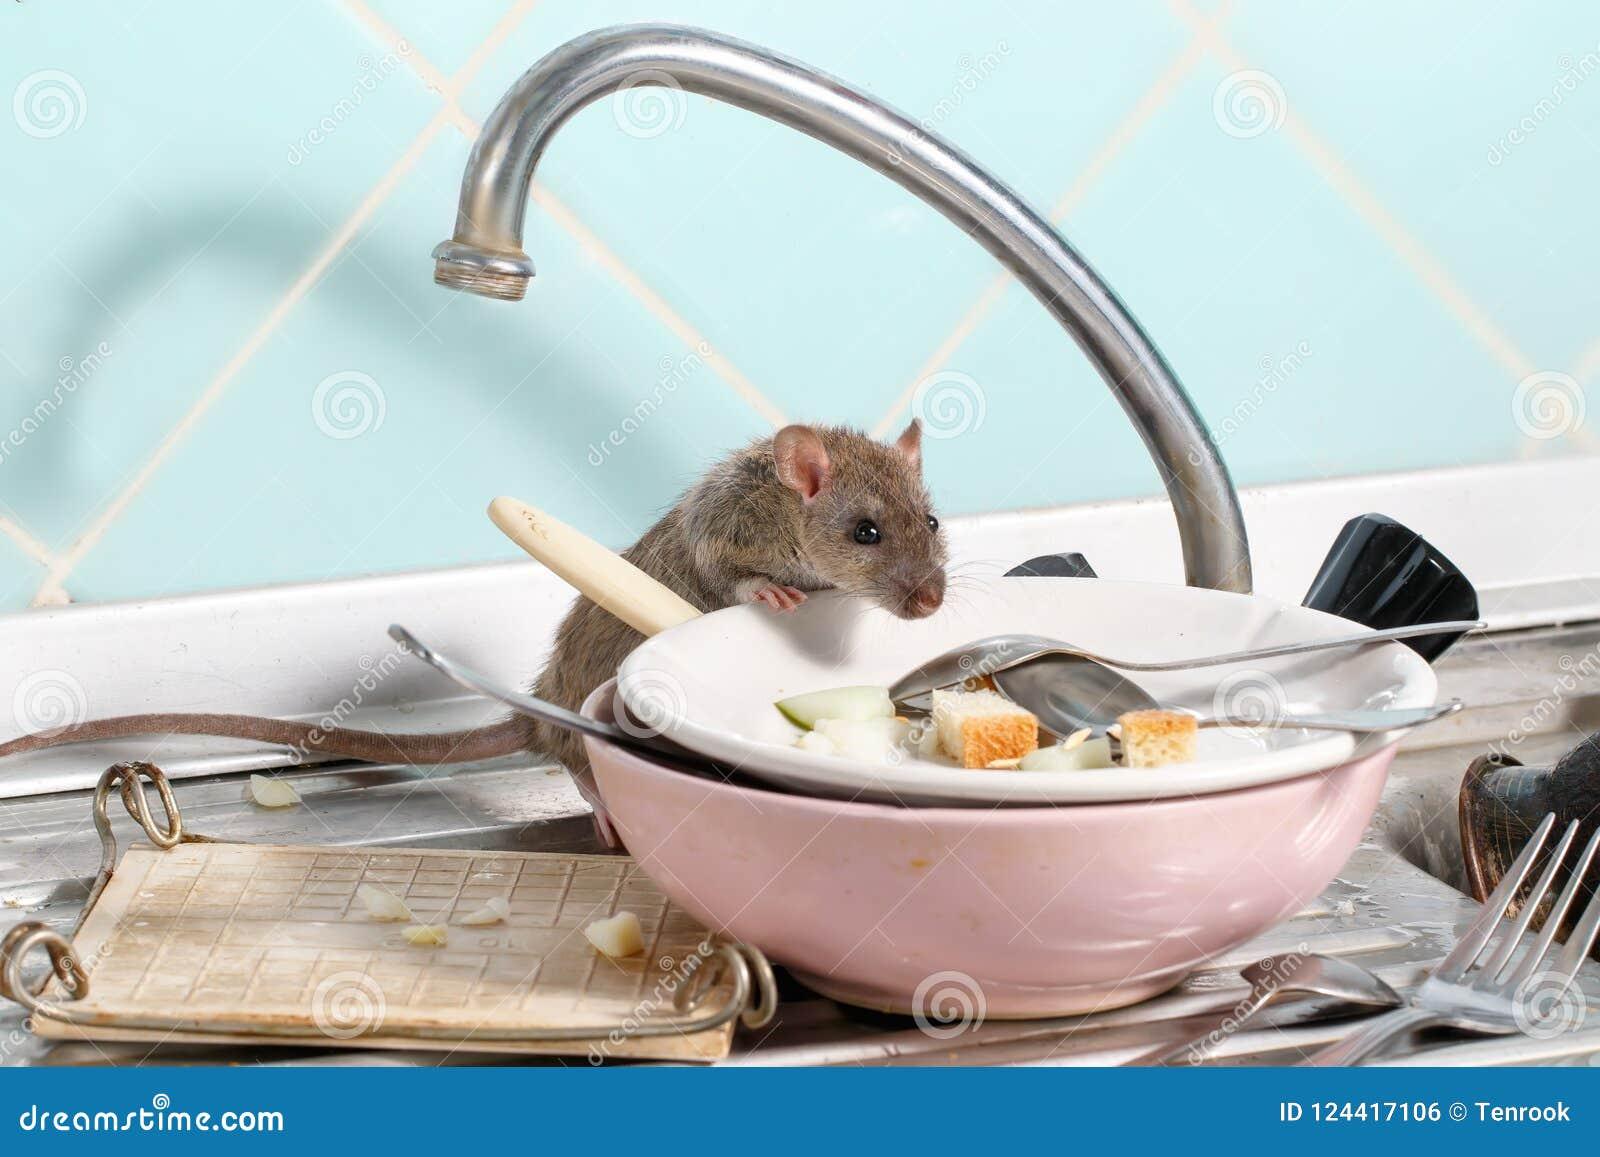 La rata joven sube en el plato con las sobras de la comida en una placa en fregadero en la cocina